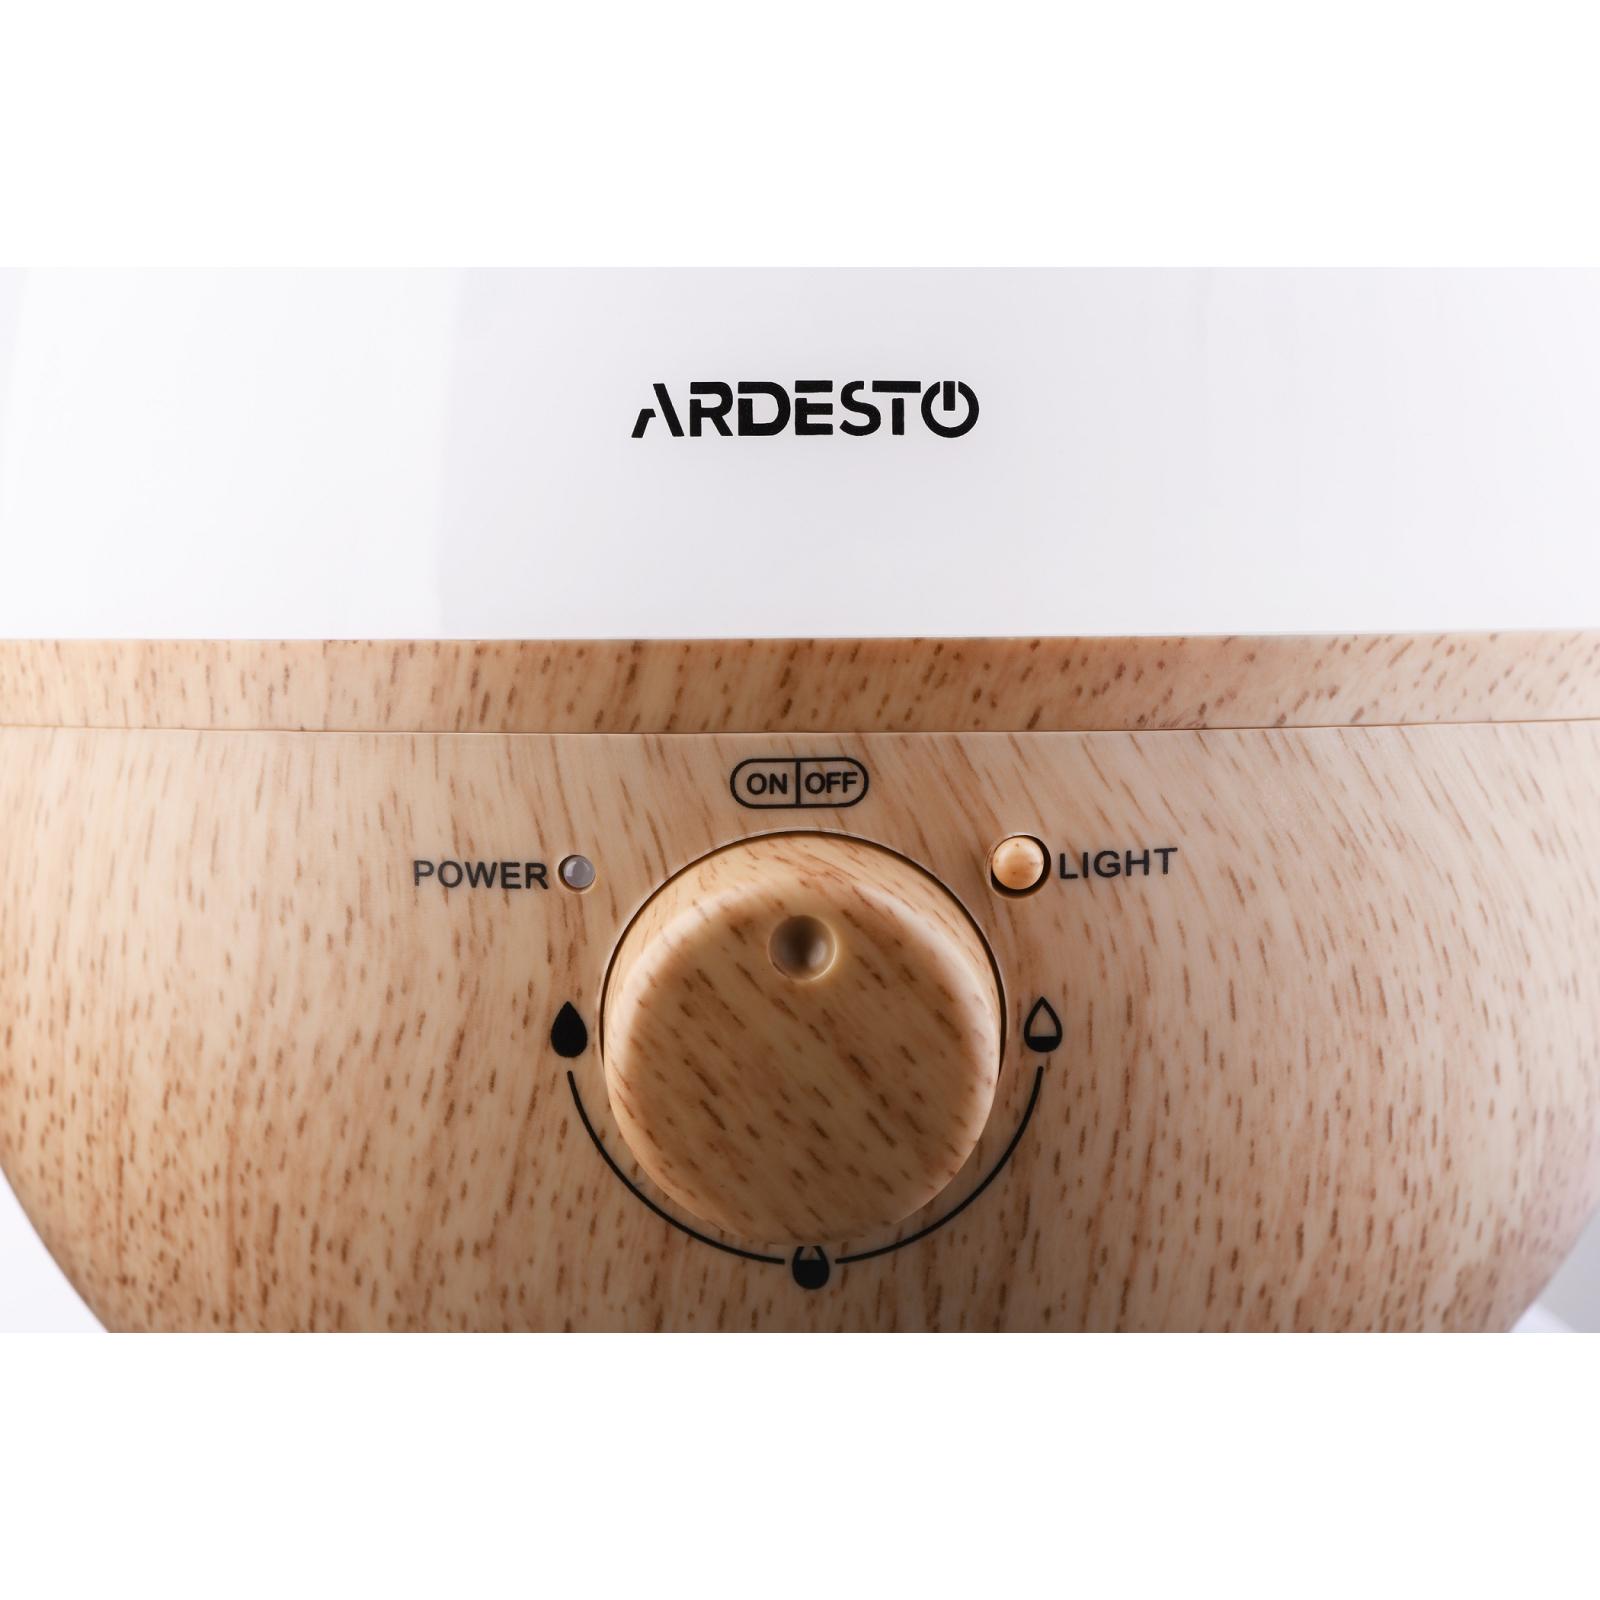 Зволожувач повітря Ardesto USHBFX1-2300-BRIGHT-WOOD зображення 4